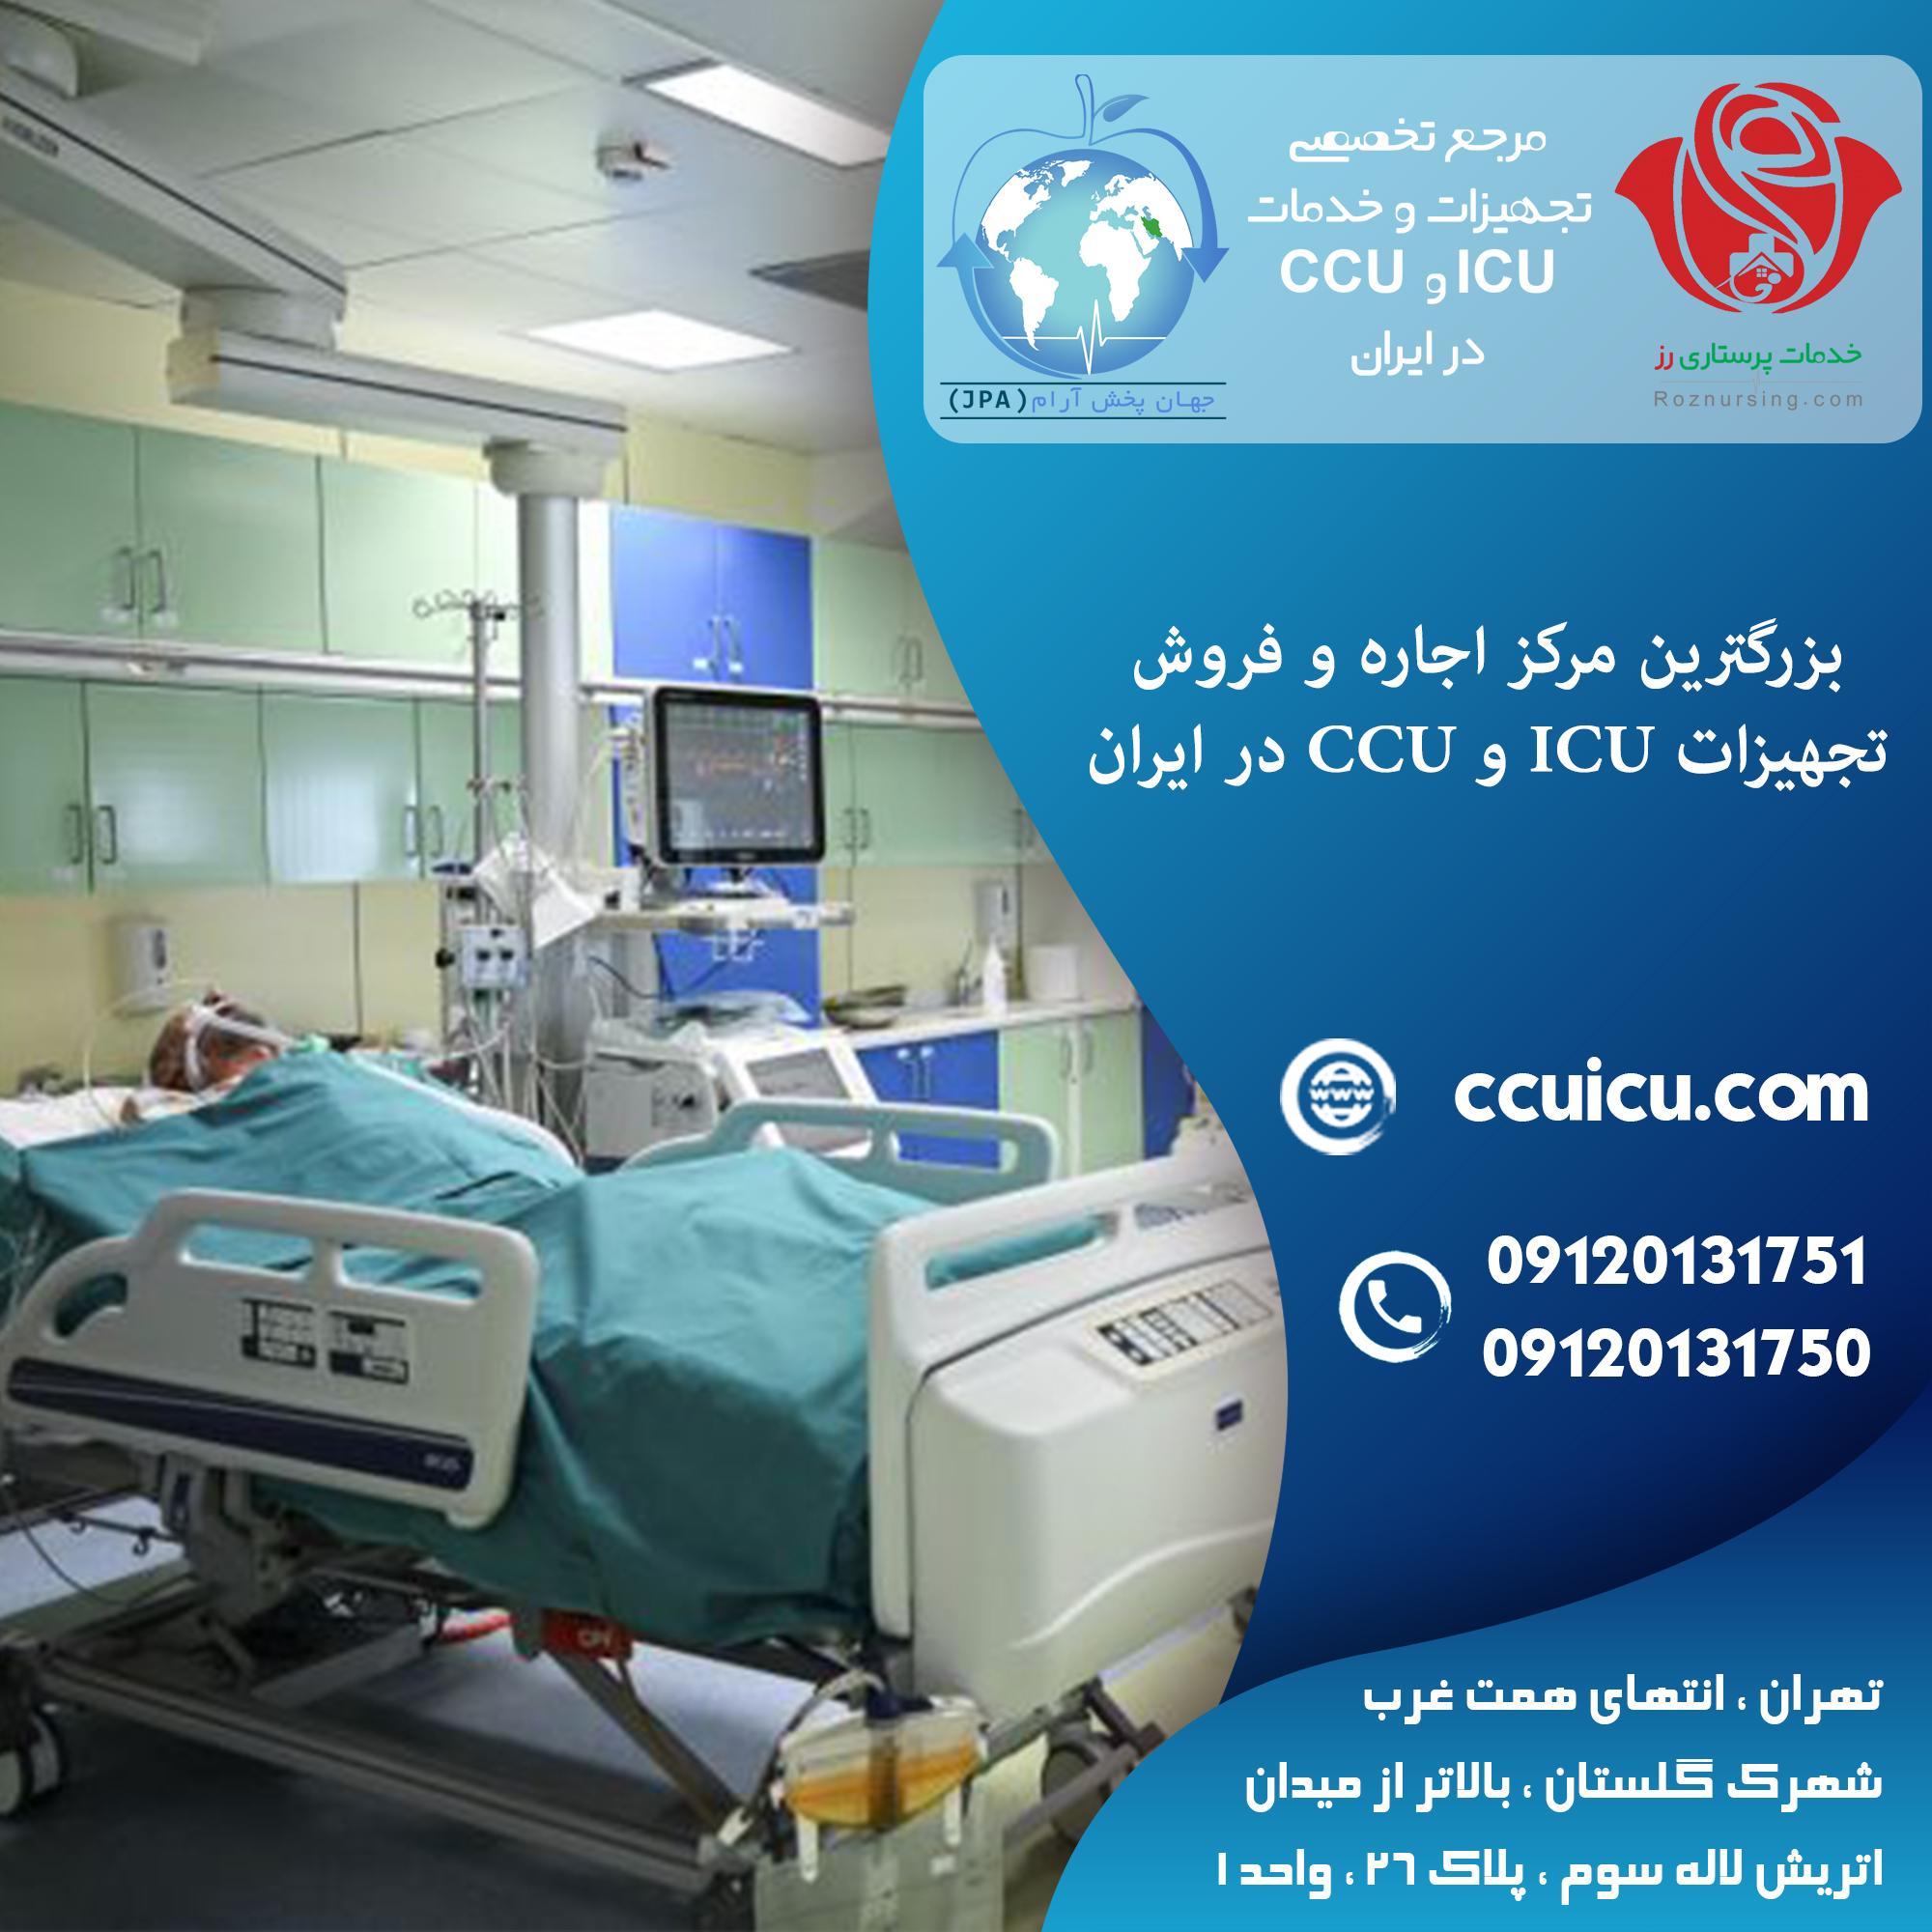 اتاق ICU در منزل